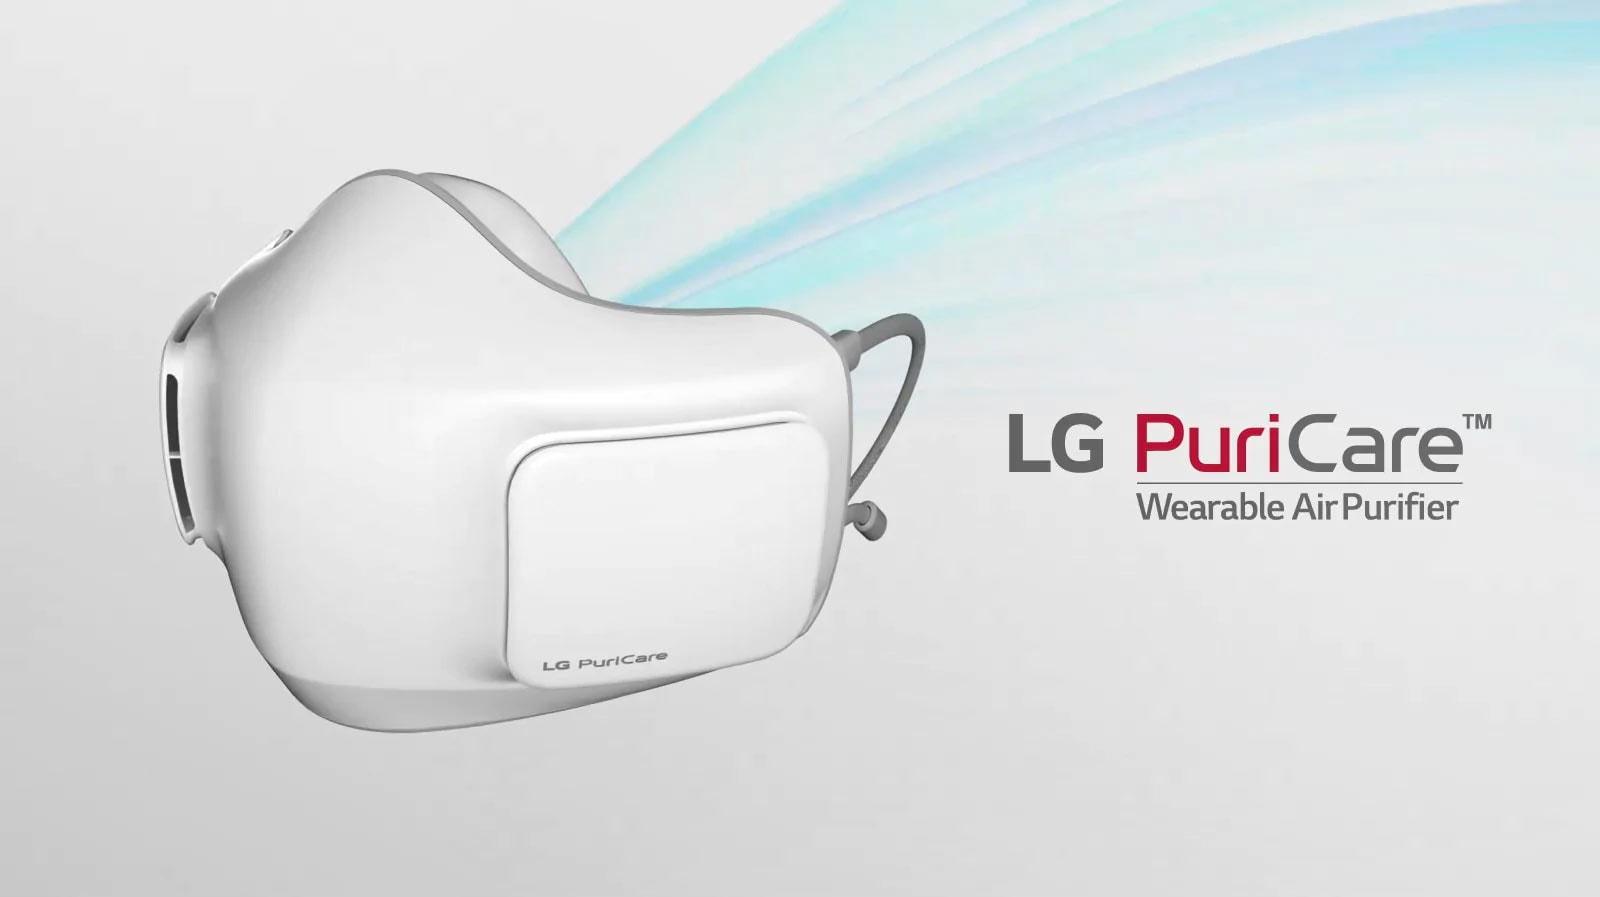 Khẩu trang lọc khí LG PuriCare™ được hiển thị ở góc nghiêng với mặt trước hướng ra bên ngoài. Các vệt màu xanh chụp từ bên trong bộ lọc không khí của khẩu trang về phía sau.